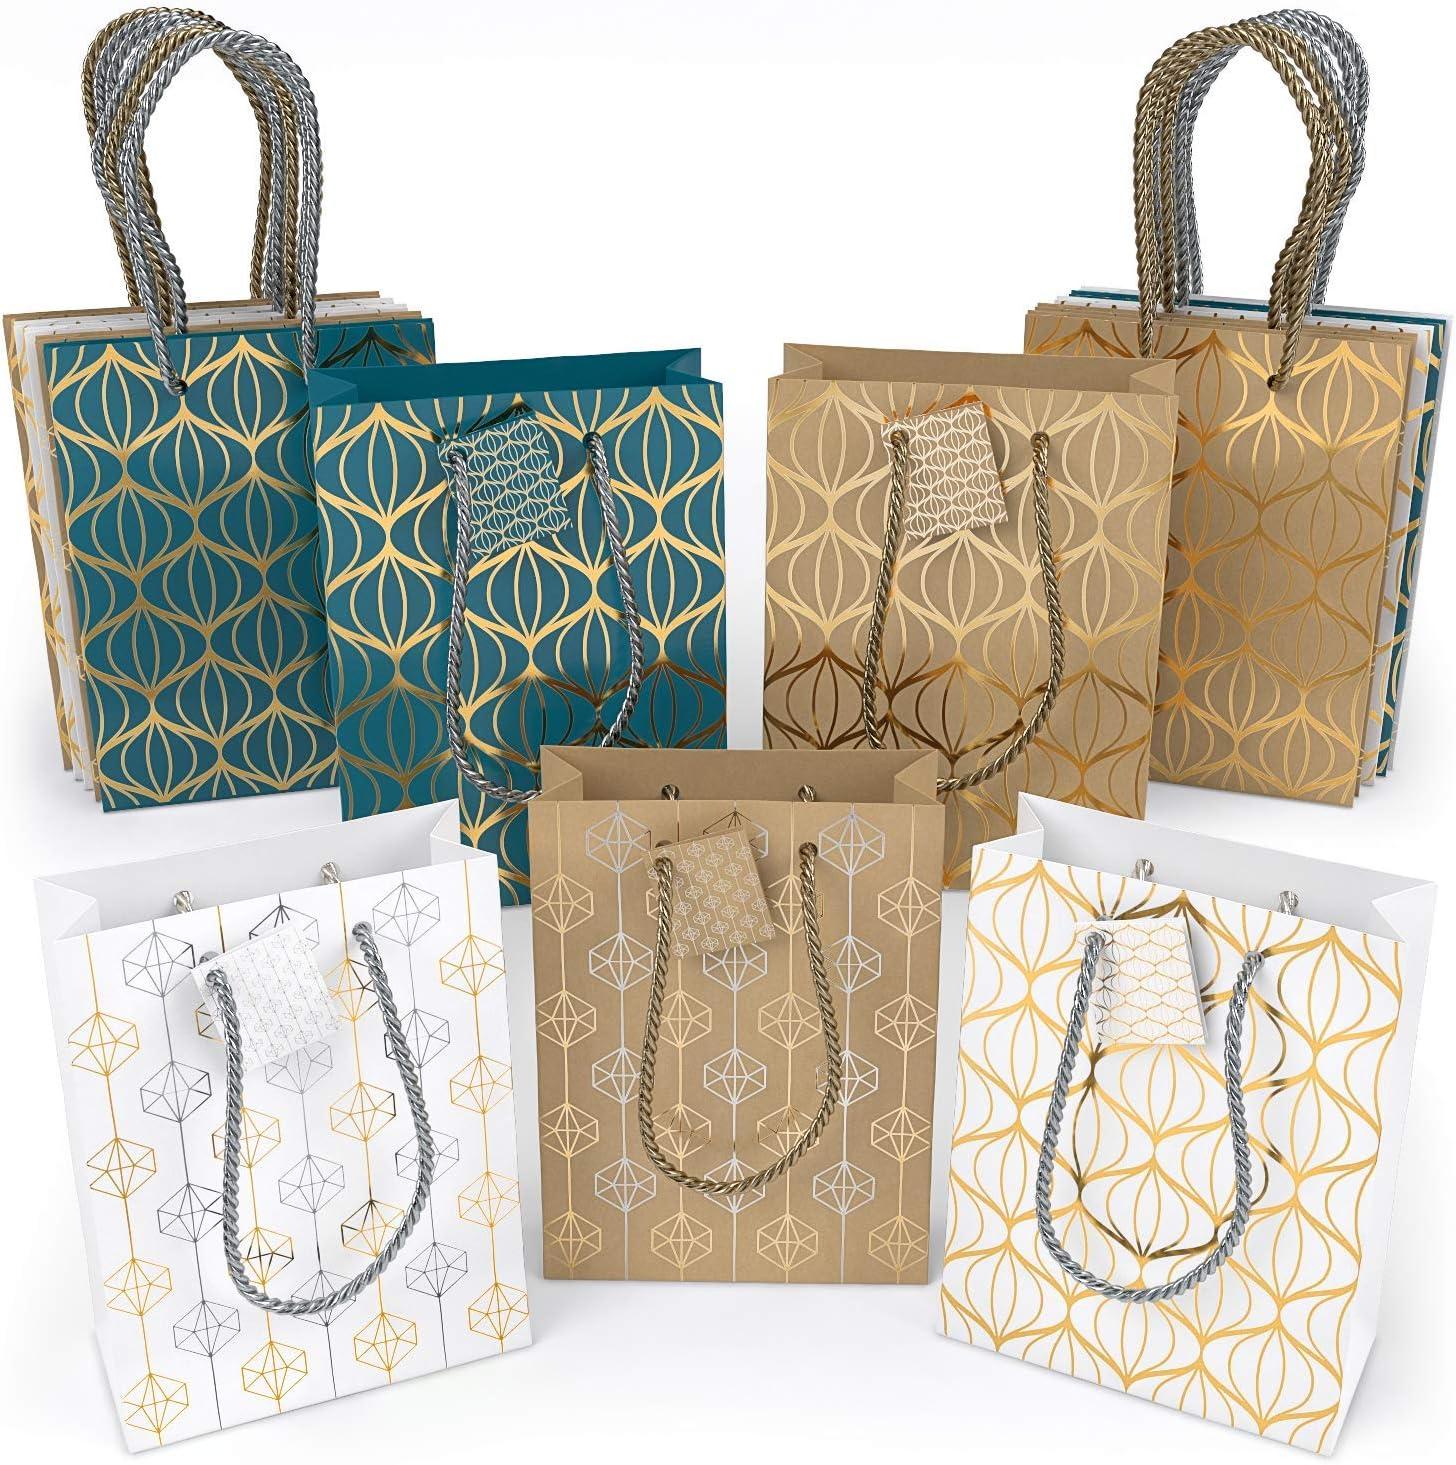 anniversaire Sac cadeau Arteza pack de 16 2 sacs blancs de chaque mod/èle Sac cadeau papier brillant 24 x 17,8 x 8,6 cm Sac cadeau No/ël lot f/êtes 8 motifs en tout